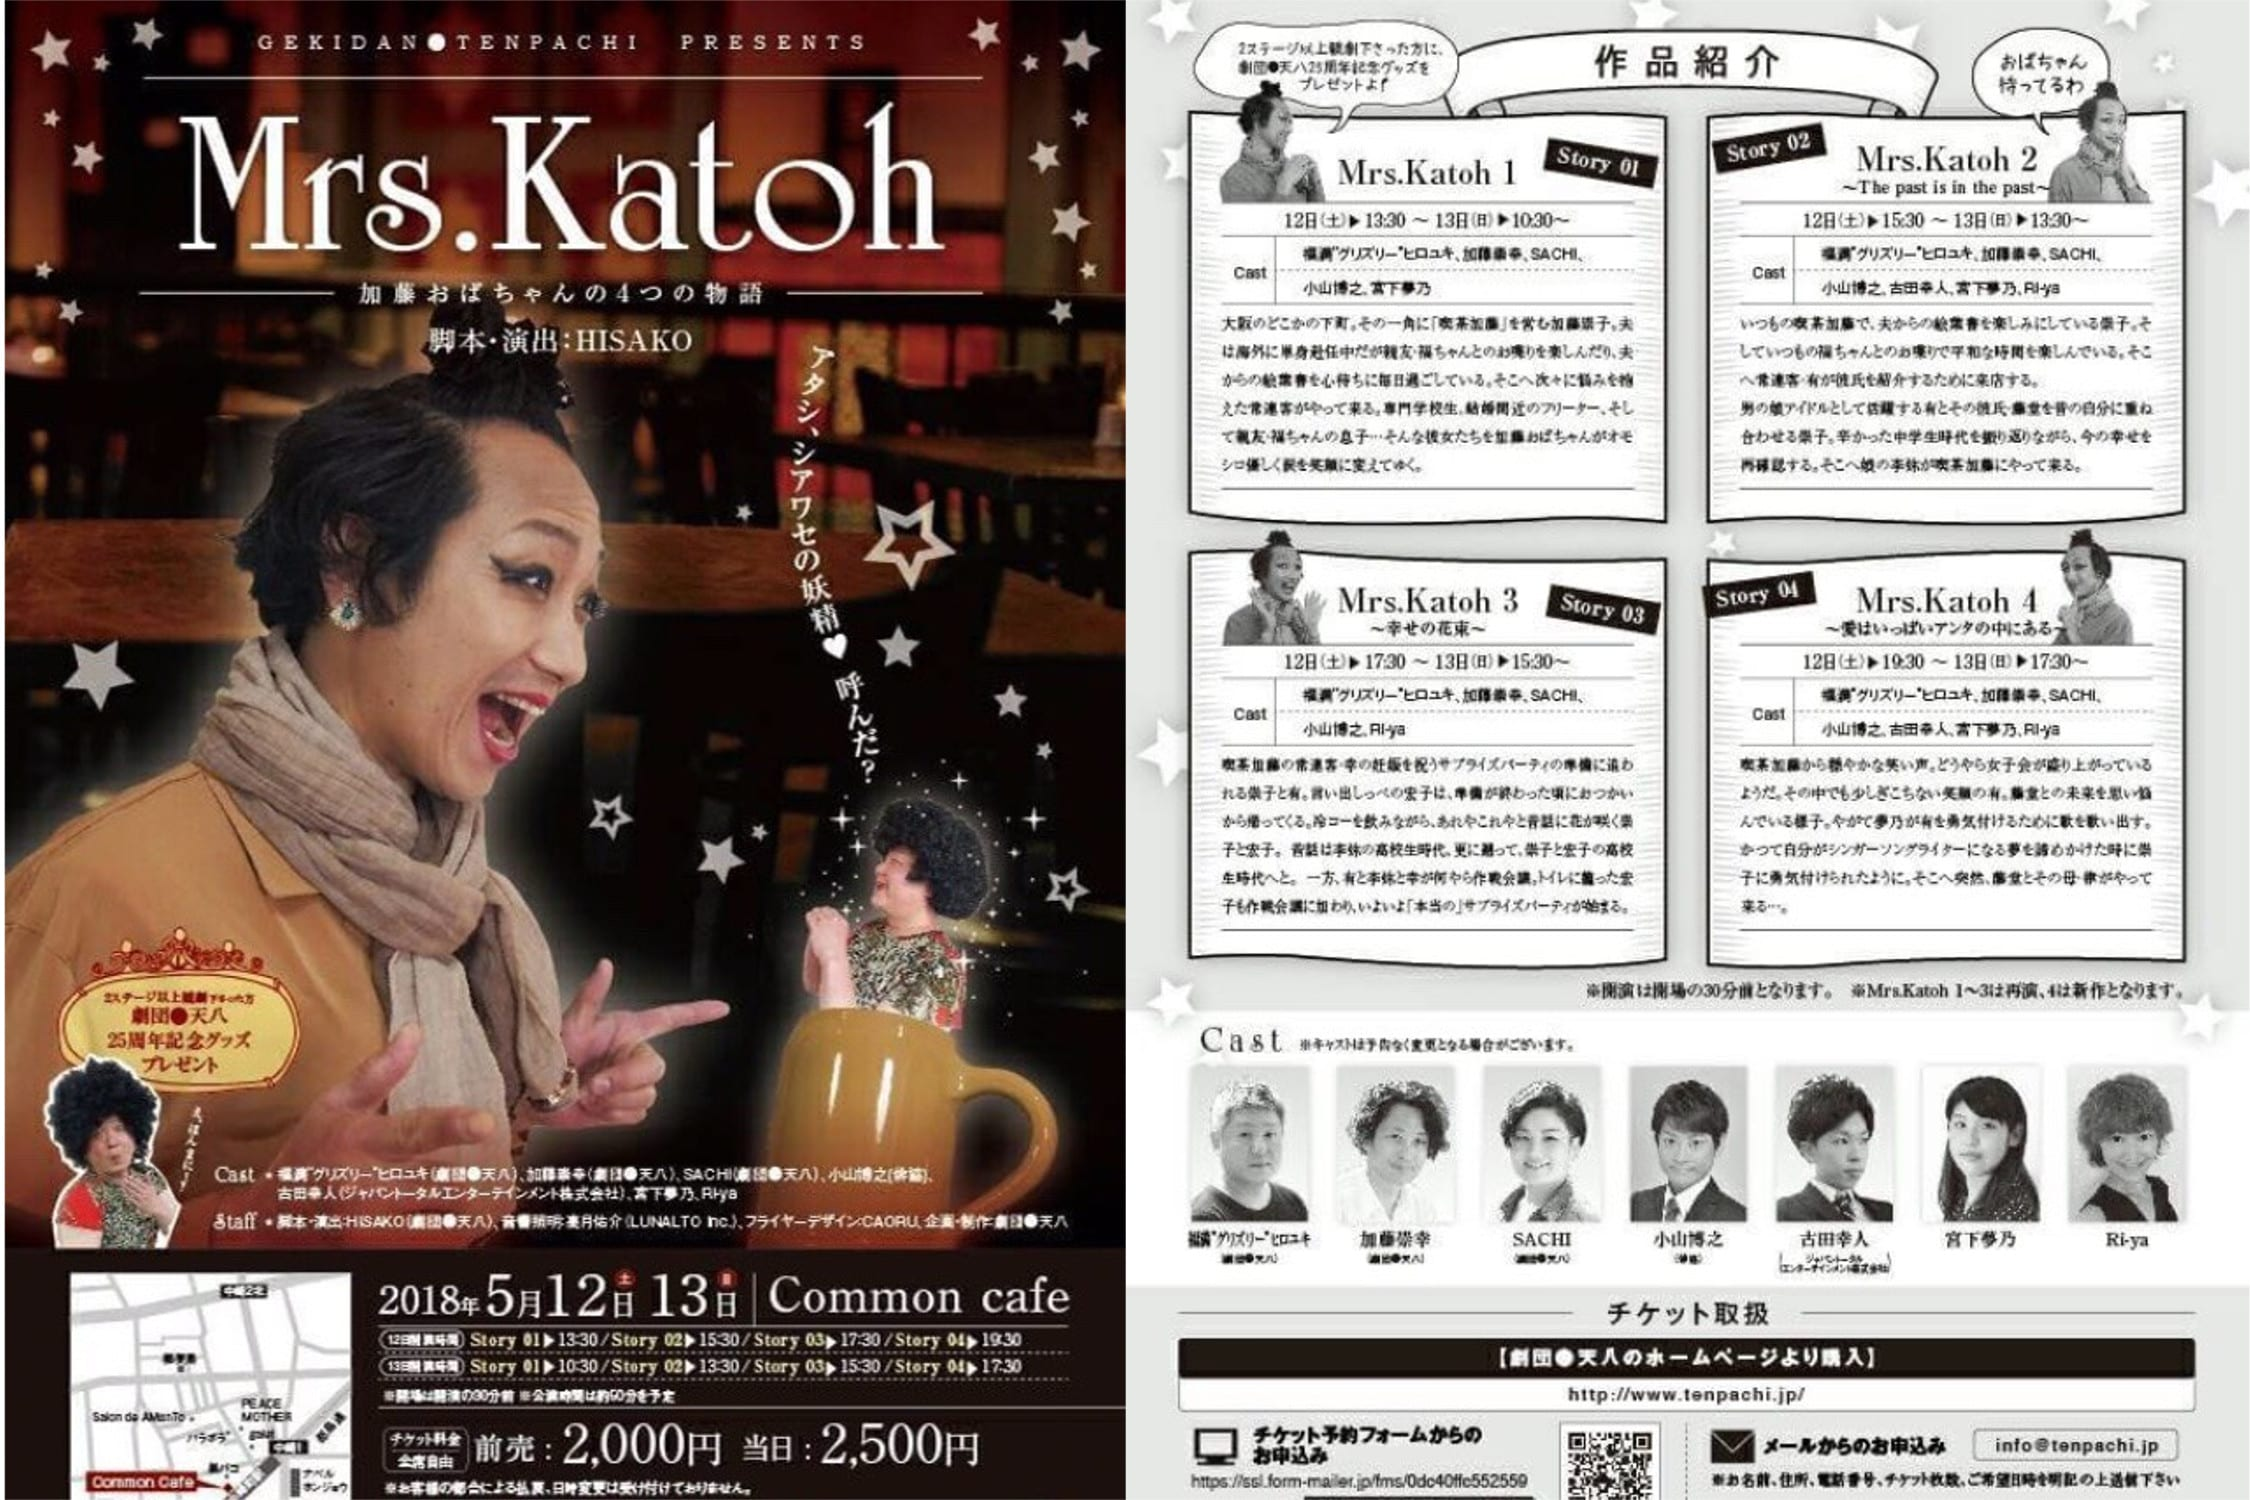 劇団●天八 「Mrs.Katoh 4」に古田幸人が出演いたします!